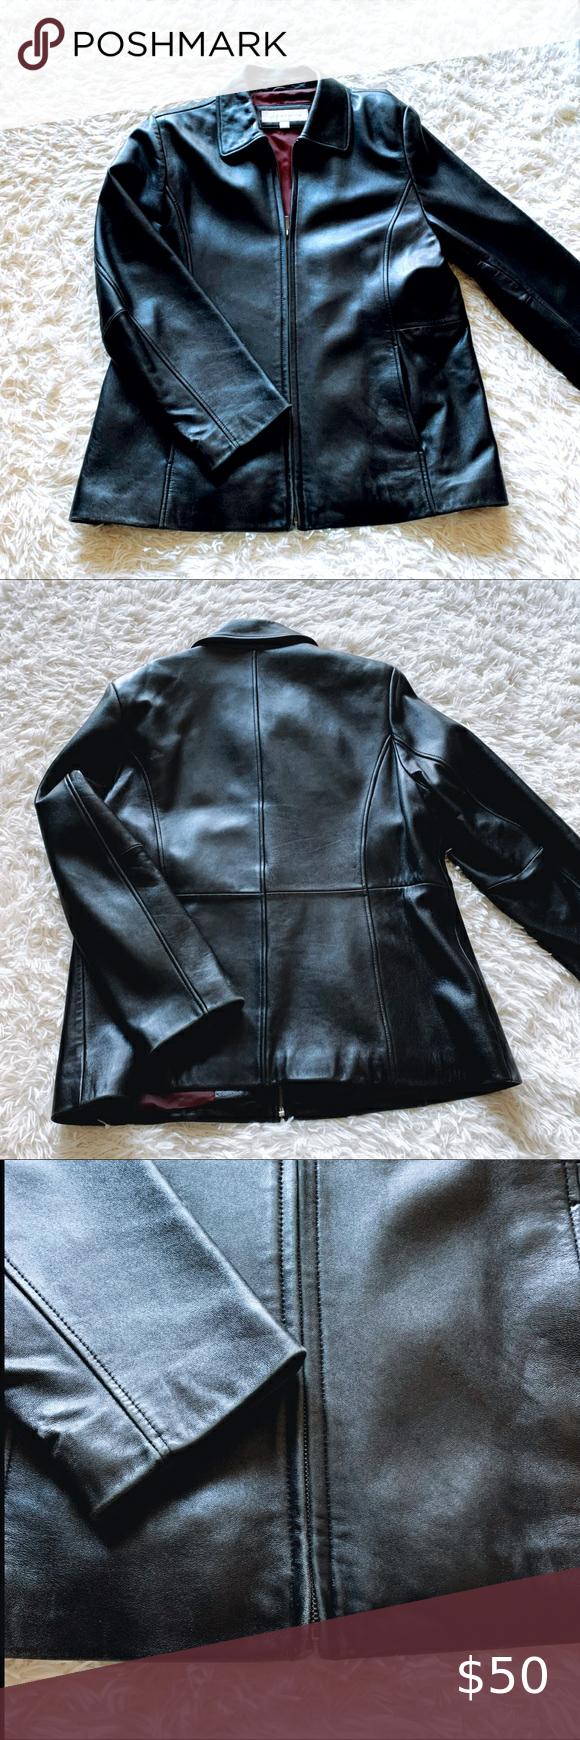 Liz Claiborne Leather Coat Black Leather Coat Leather Coat Distressed Leather Jacket